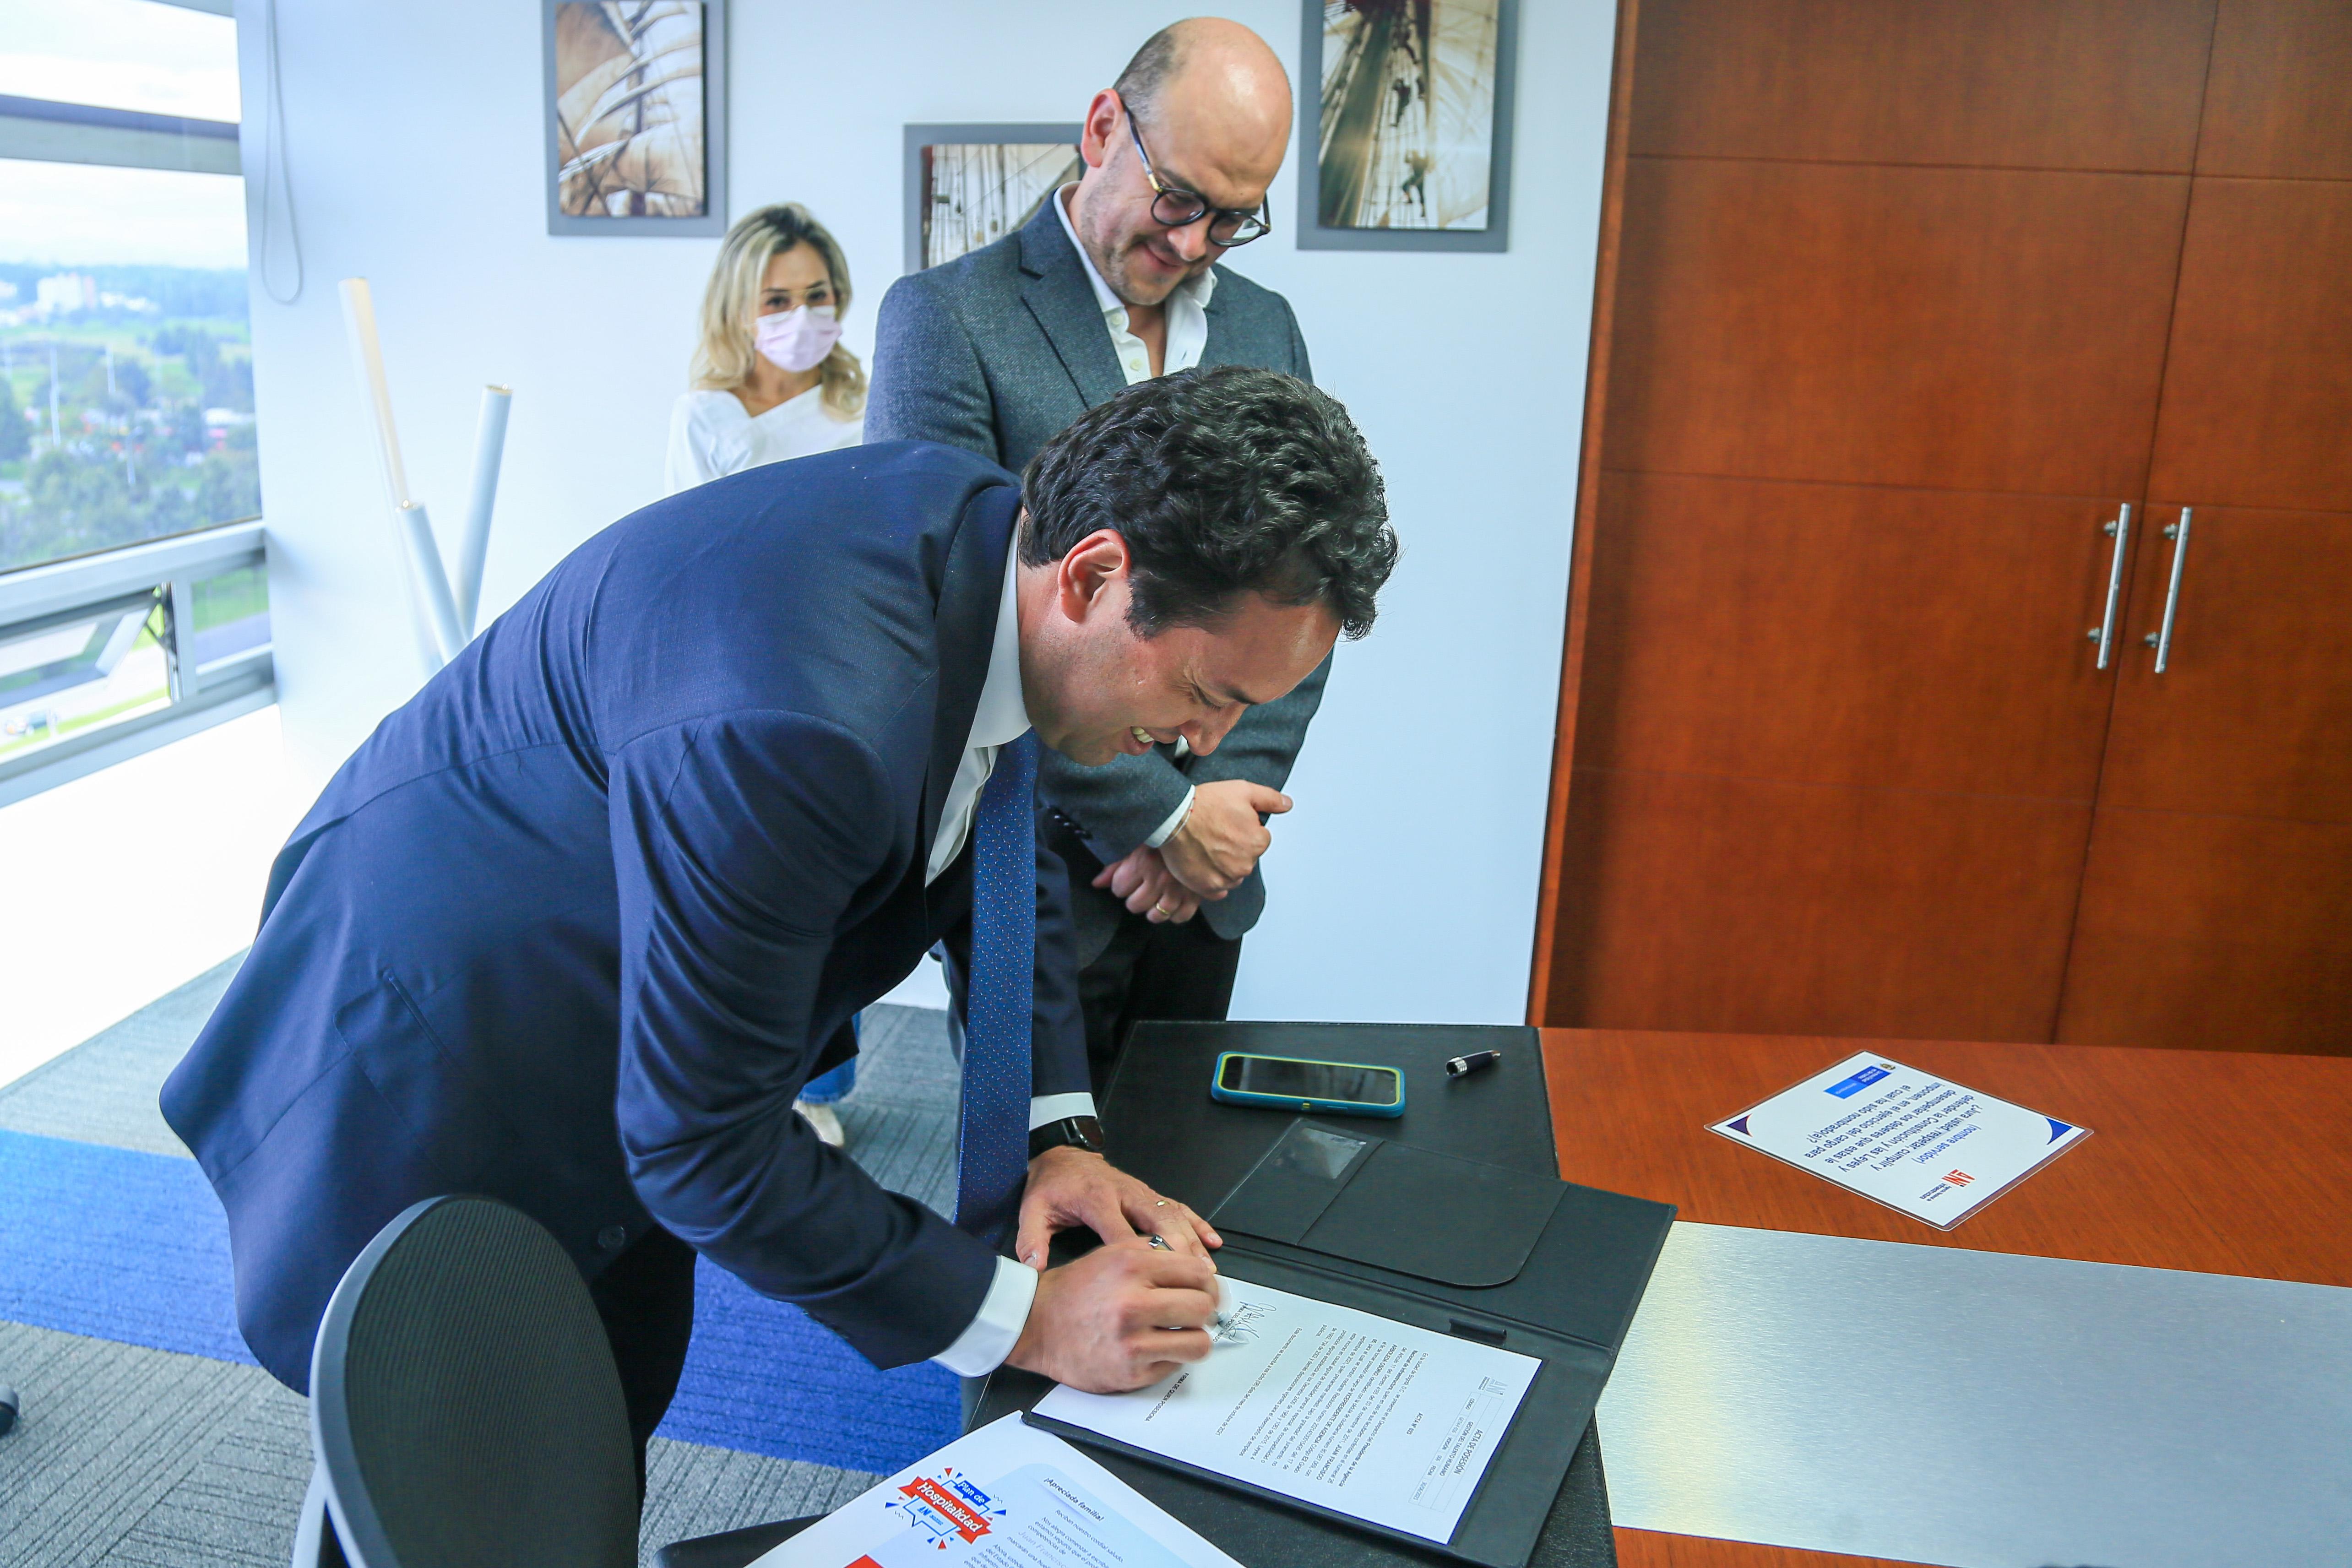 El economista Juan Francisco Arboleda Osorio, nuevo vicepresidente de Gestión Contractual de la Agencia Nacional de Infraestructura